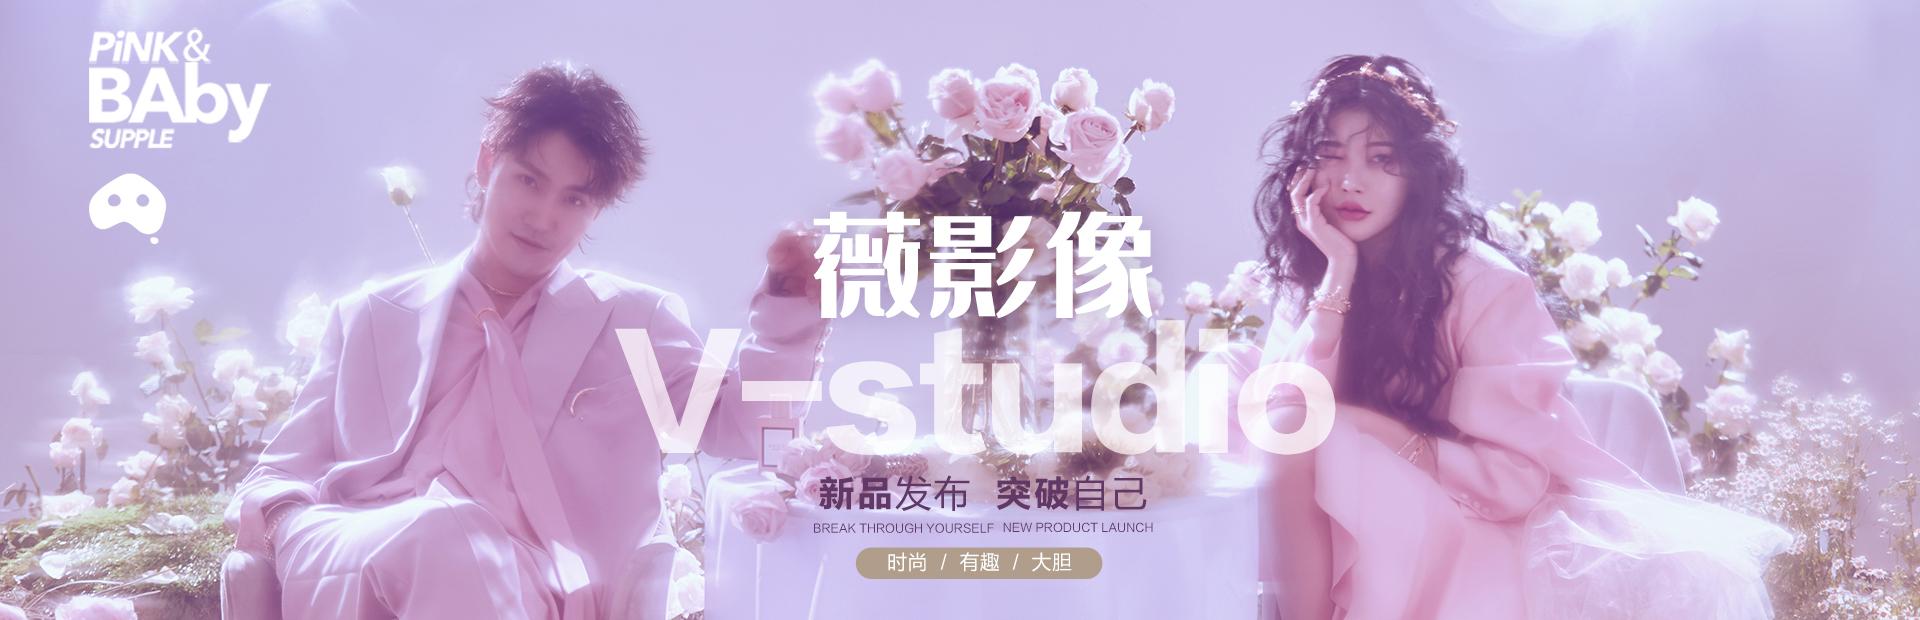 薇影像-新品发布,突